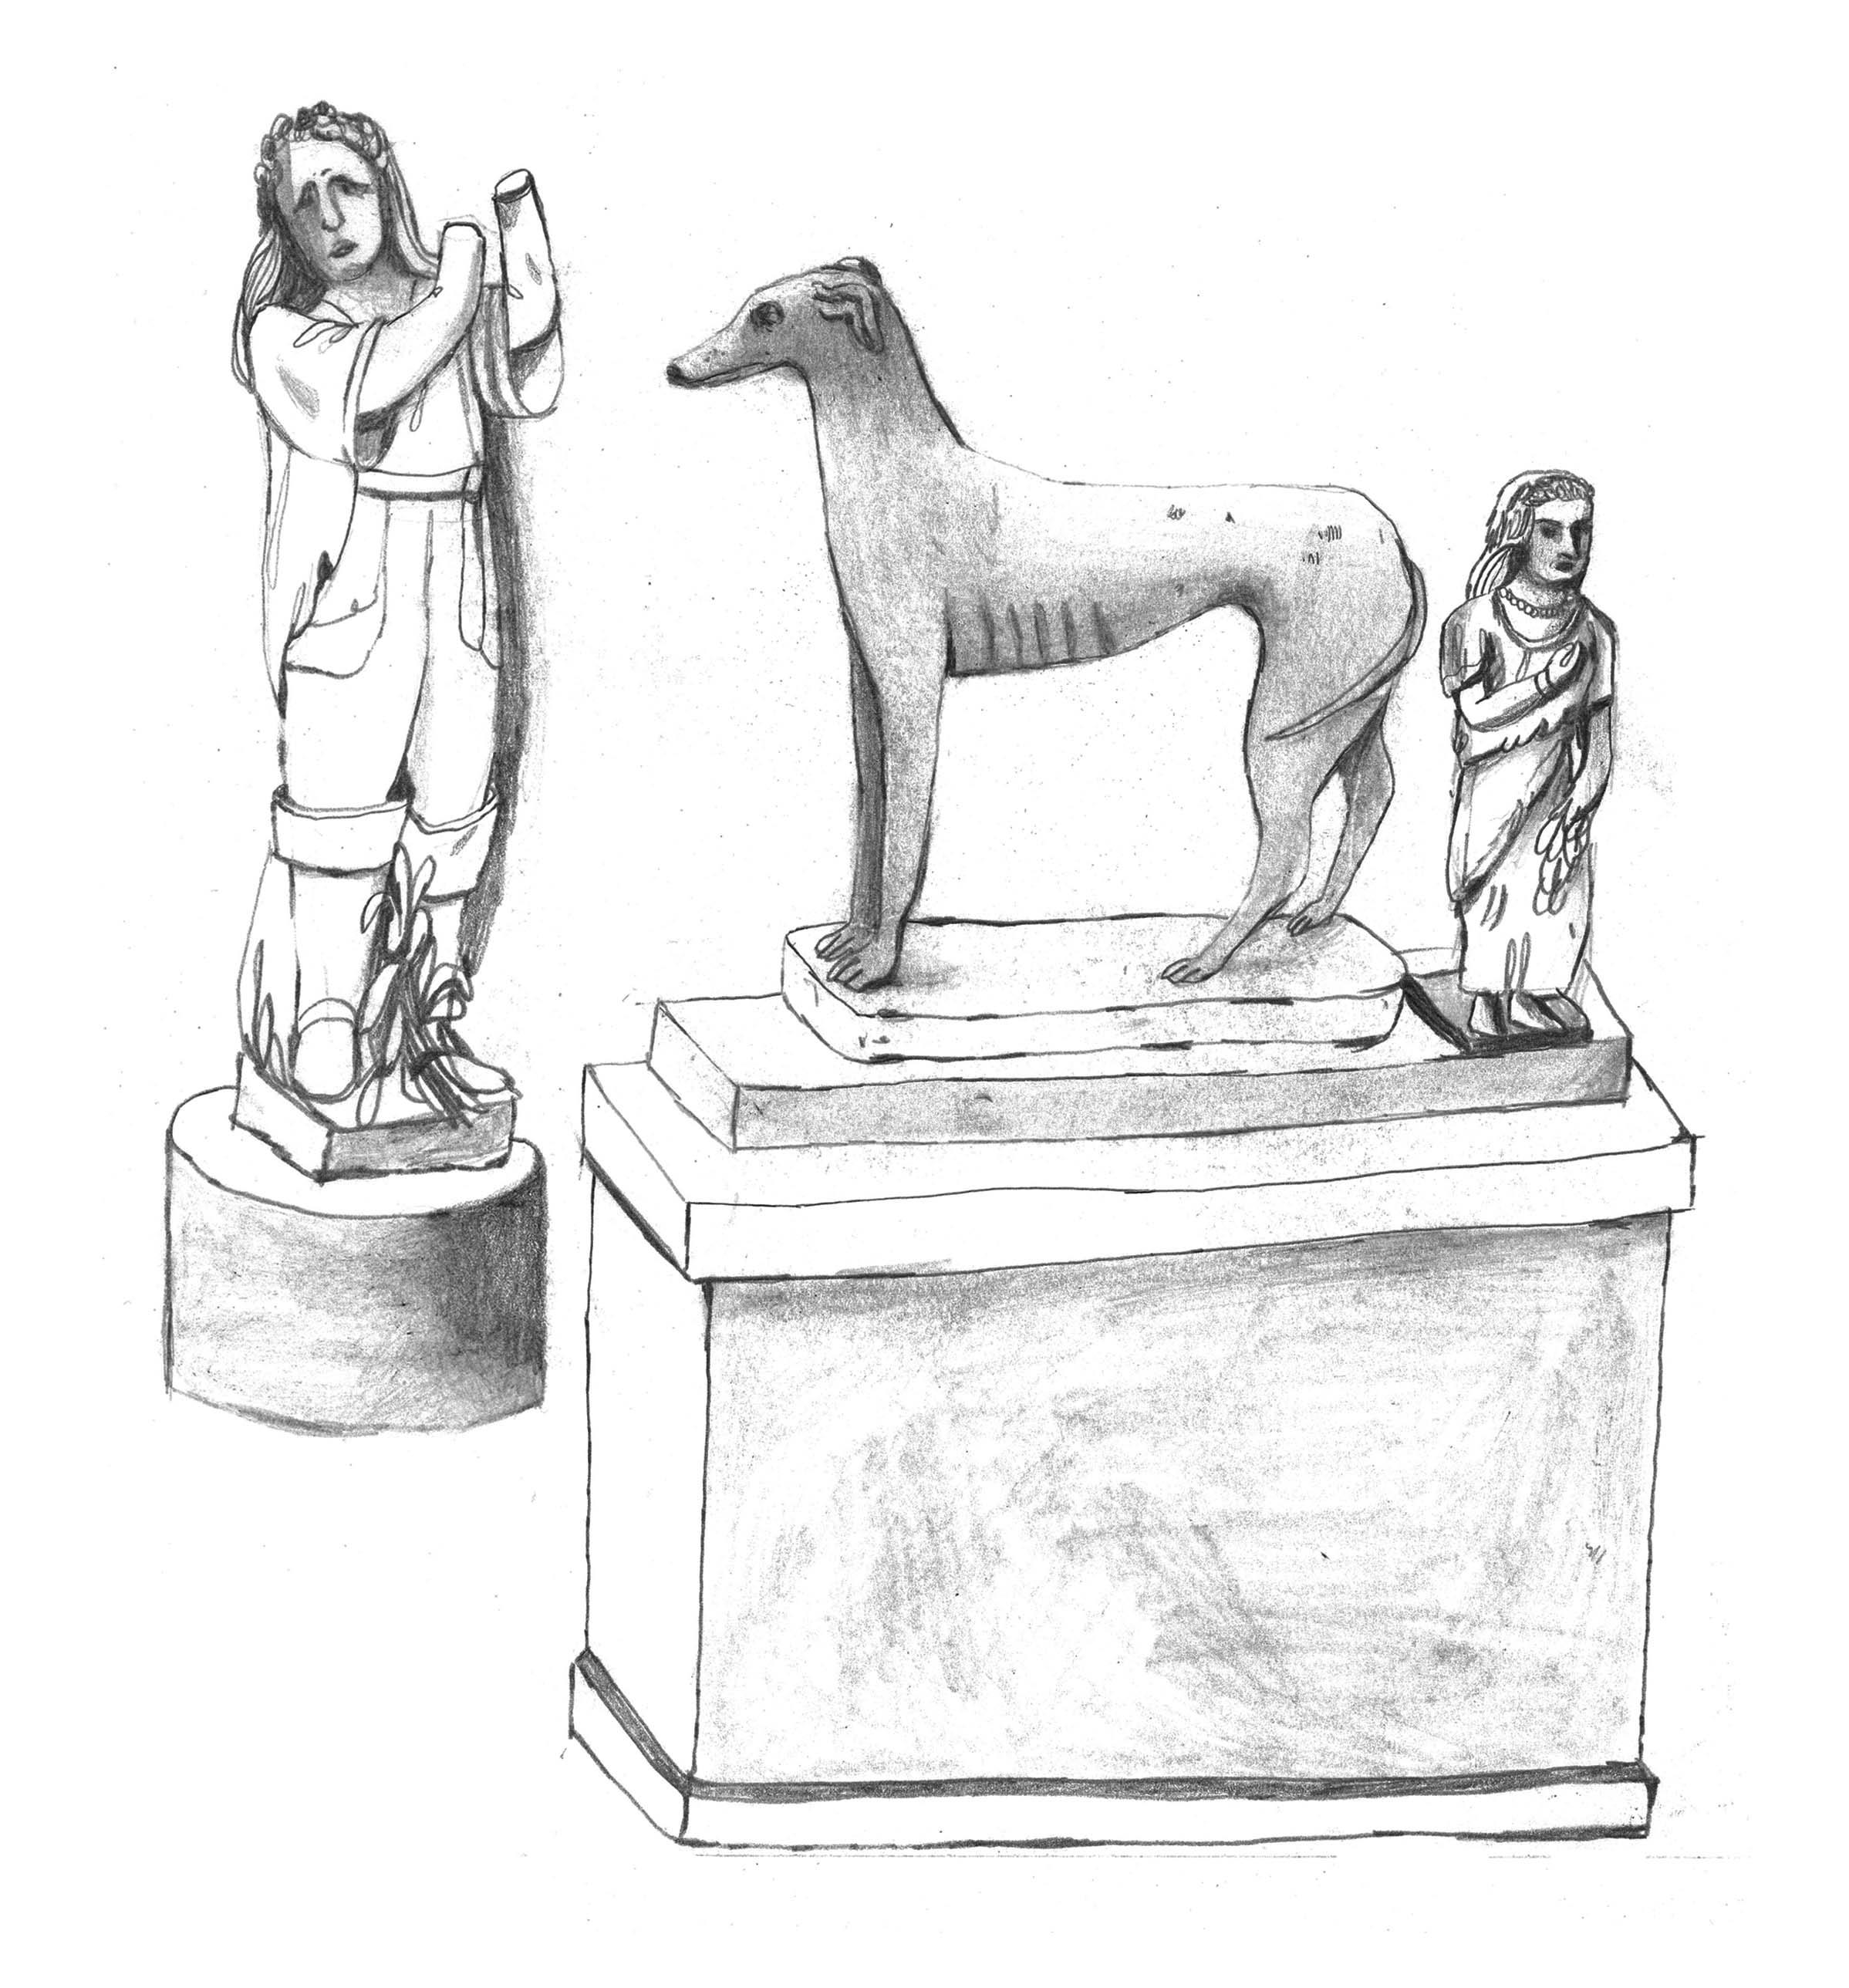 statue 2 elizabeth street garden  (1).jpg